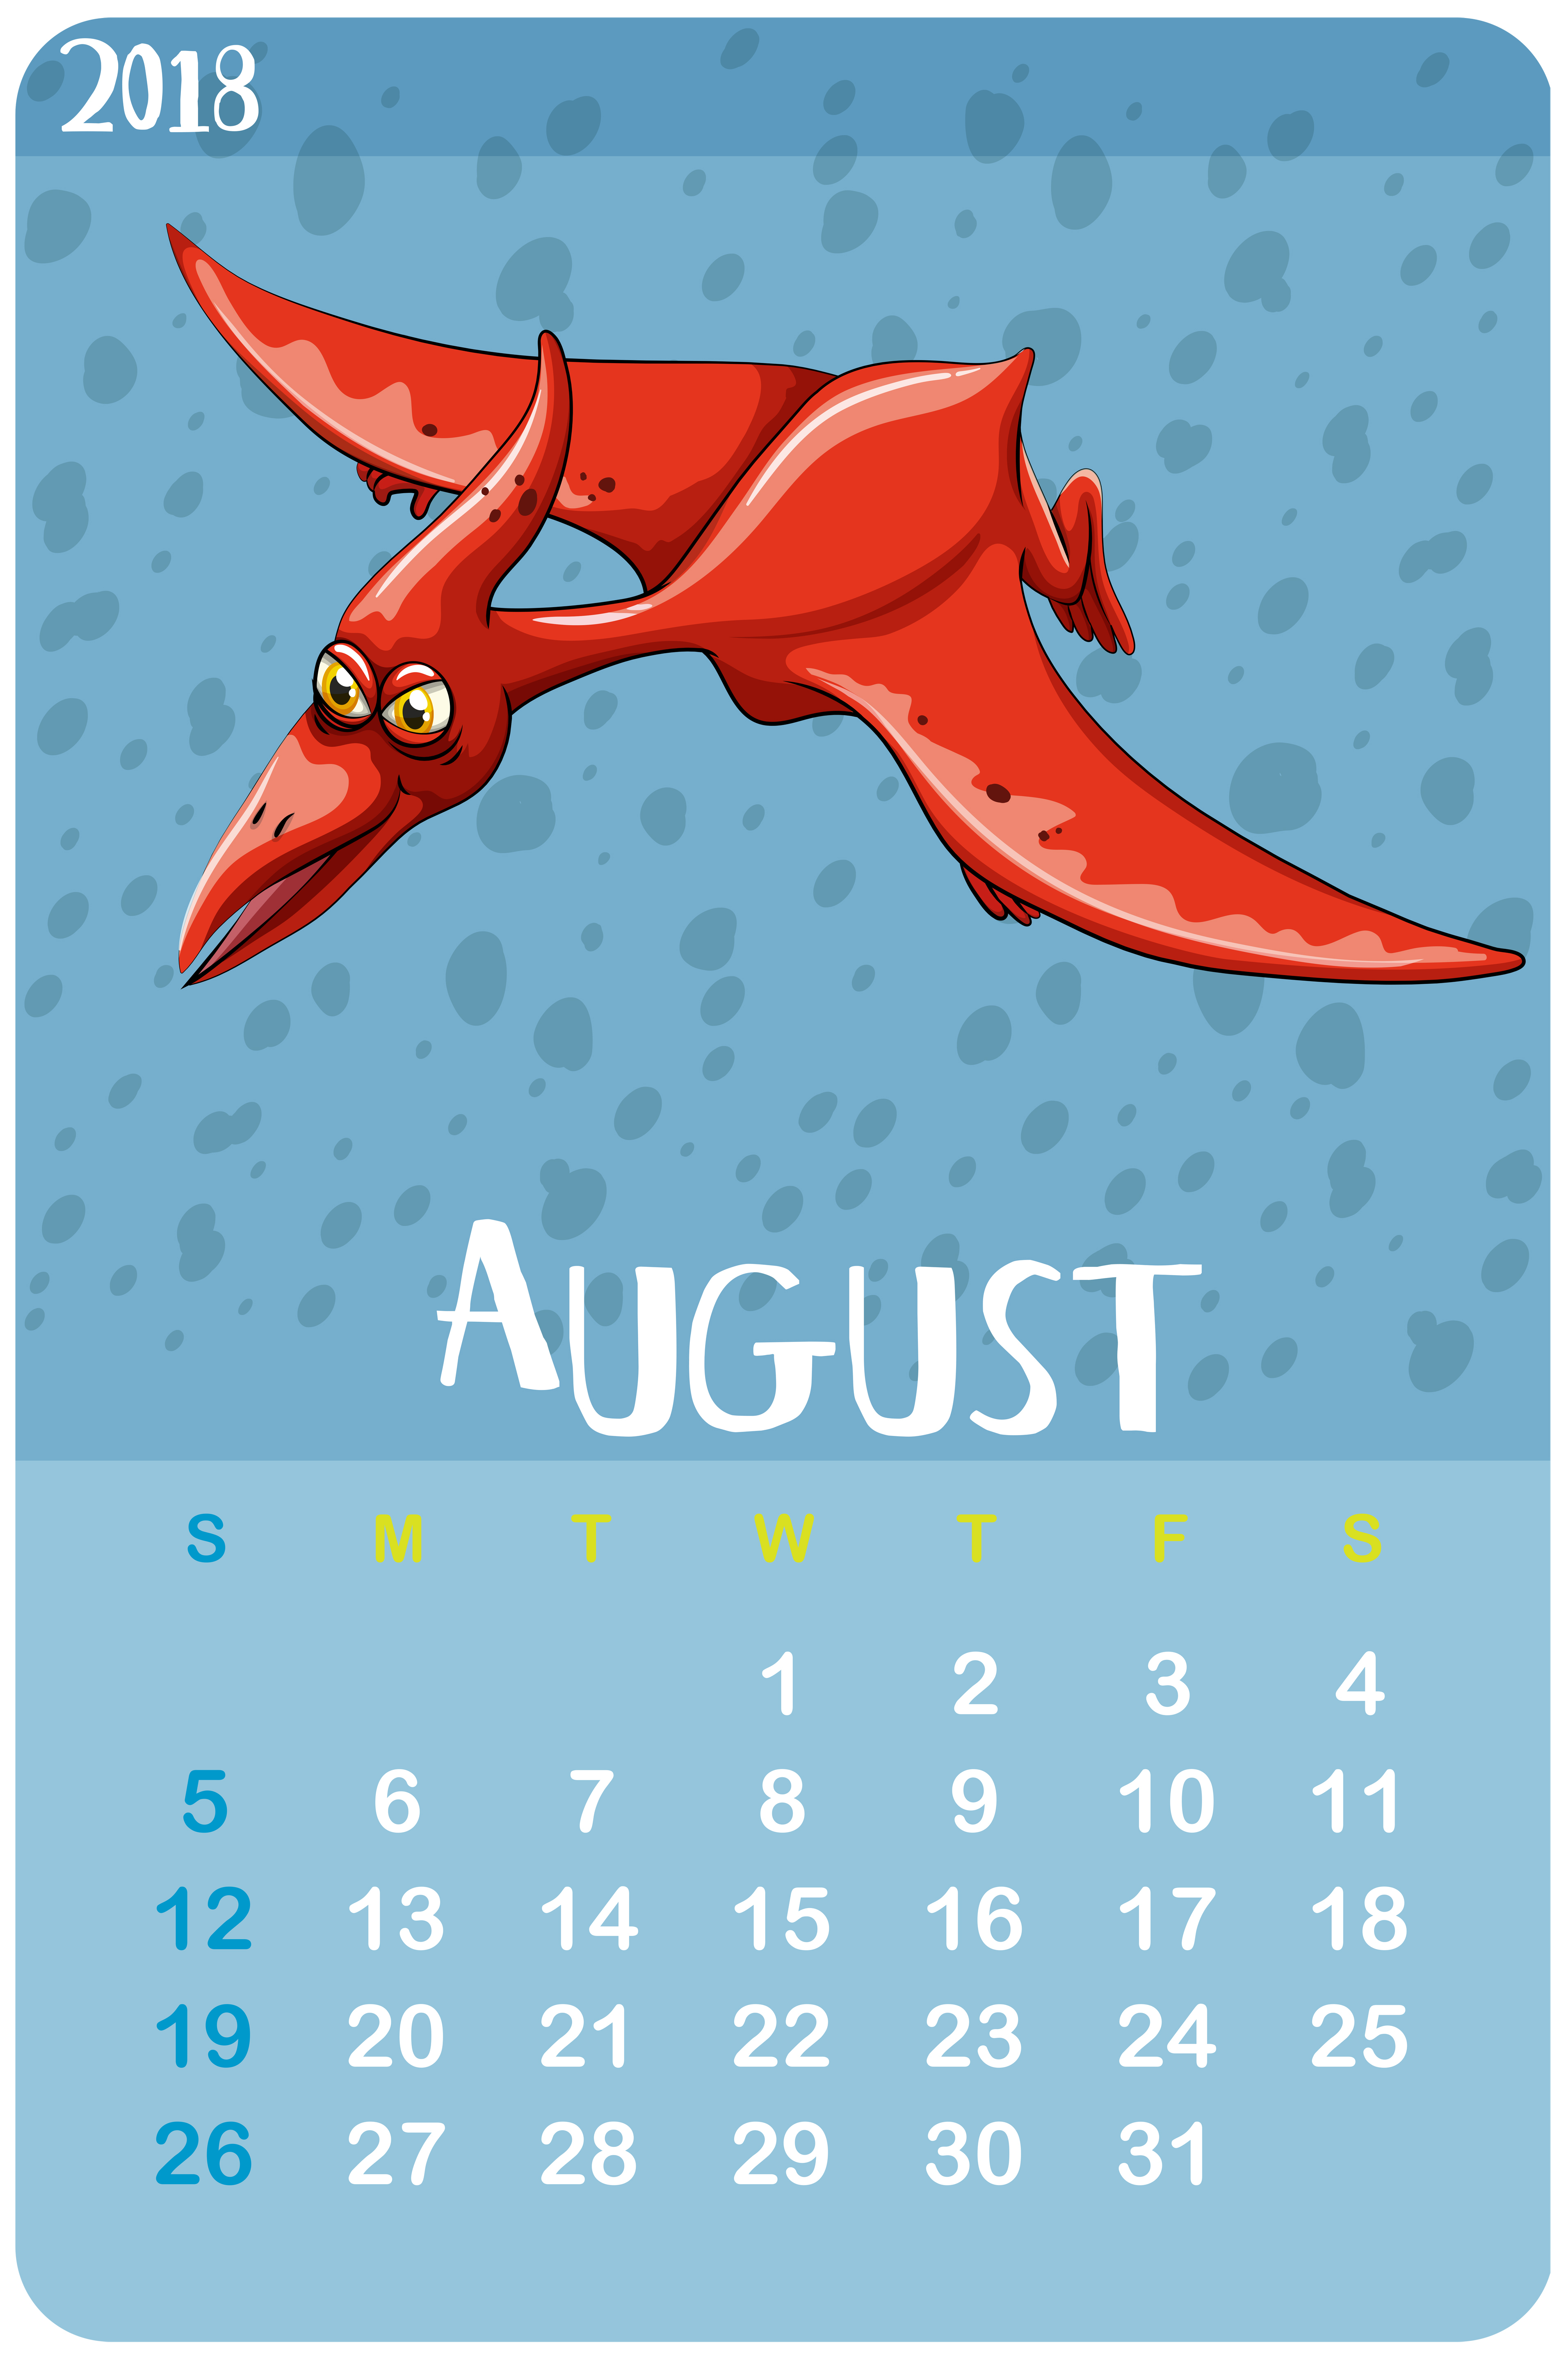 Calendar Template For August - Download Free Vector Art, Stock regarding Aug Calendar Clip Art Template